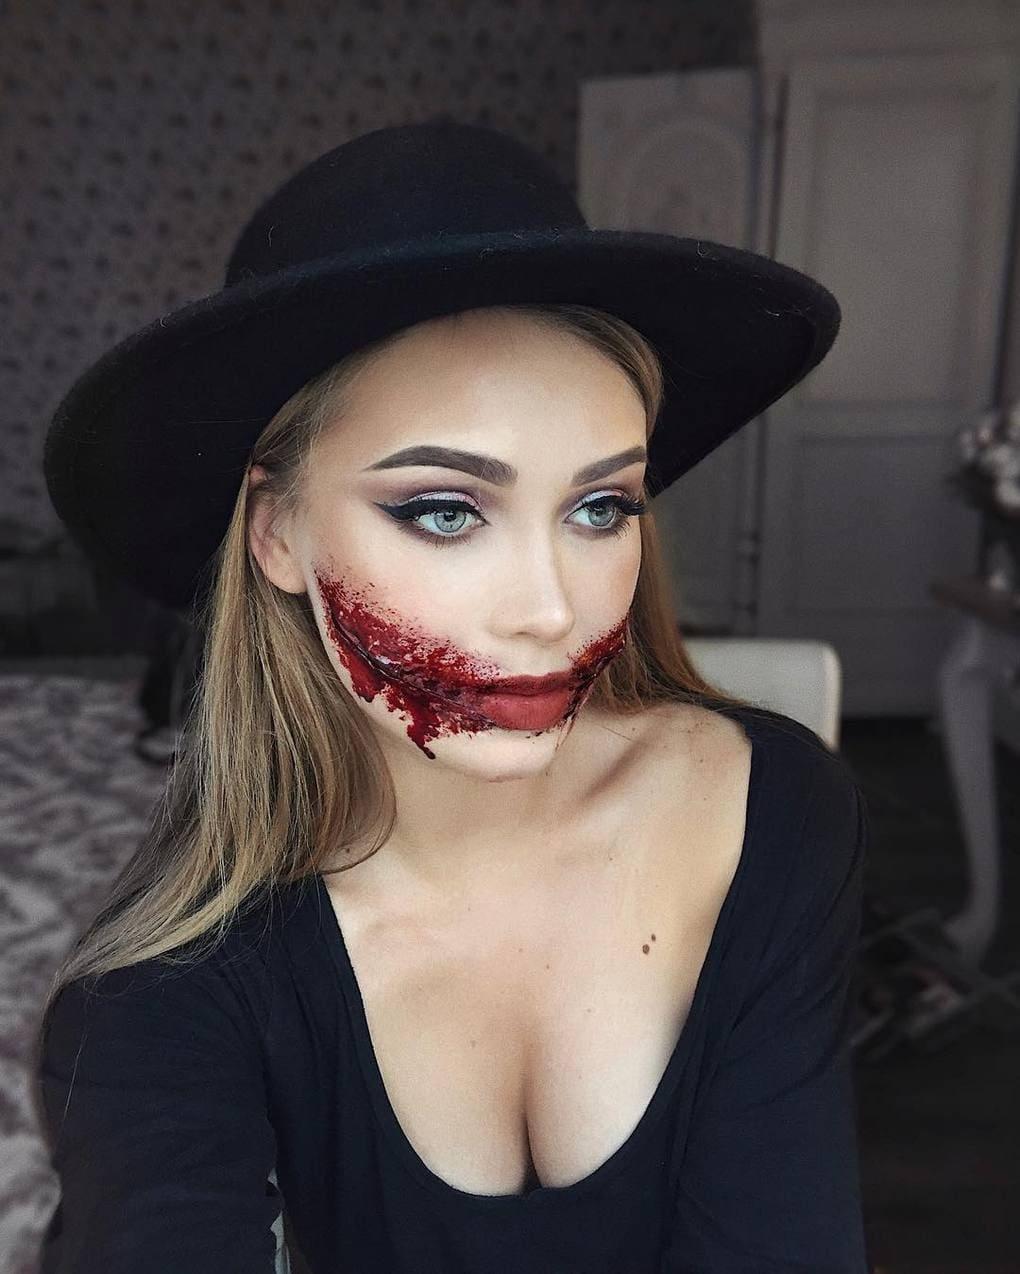 Визажист из Литвы делает макияж, с которым на Хэллоуине любая будет звездой вечеринки 8